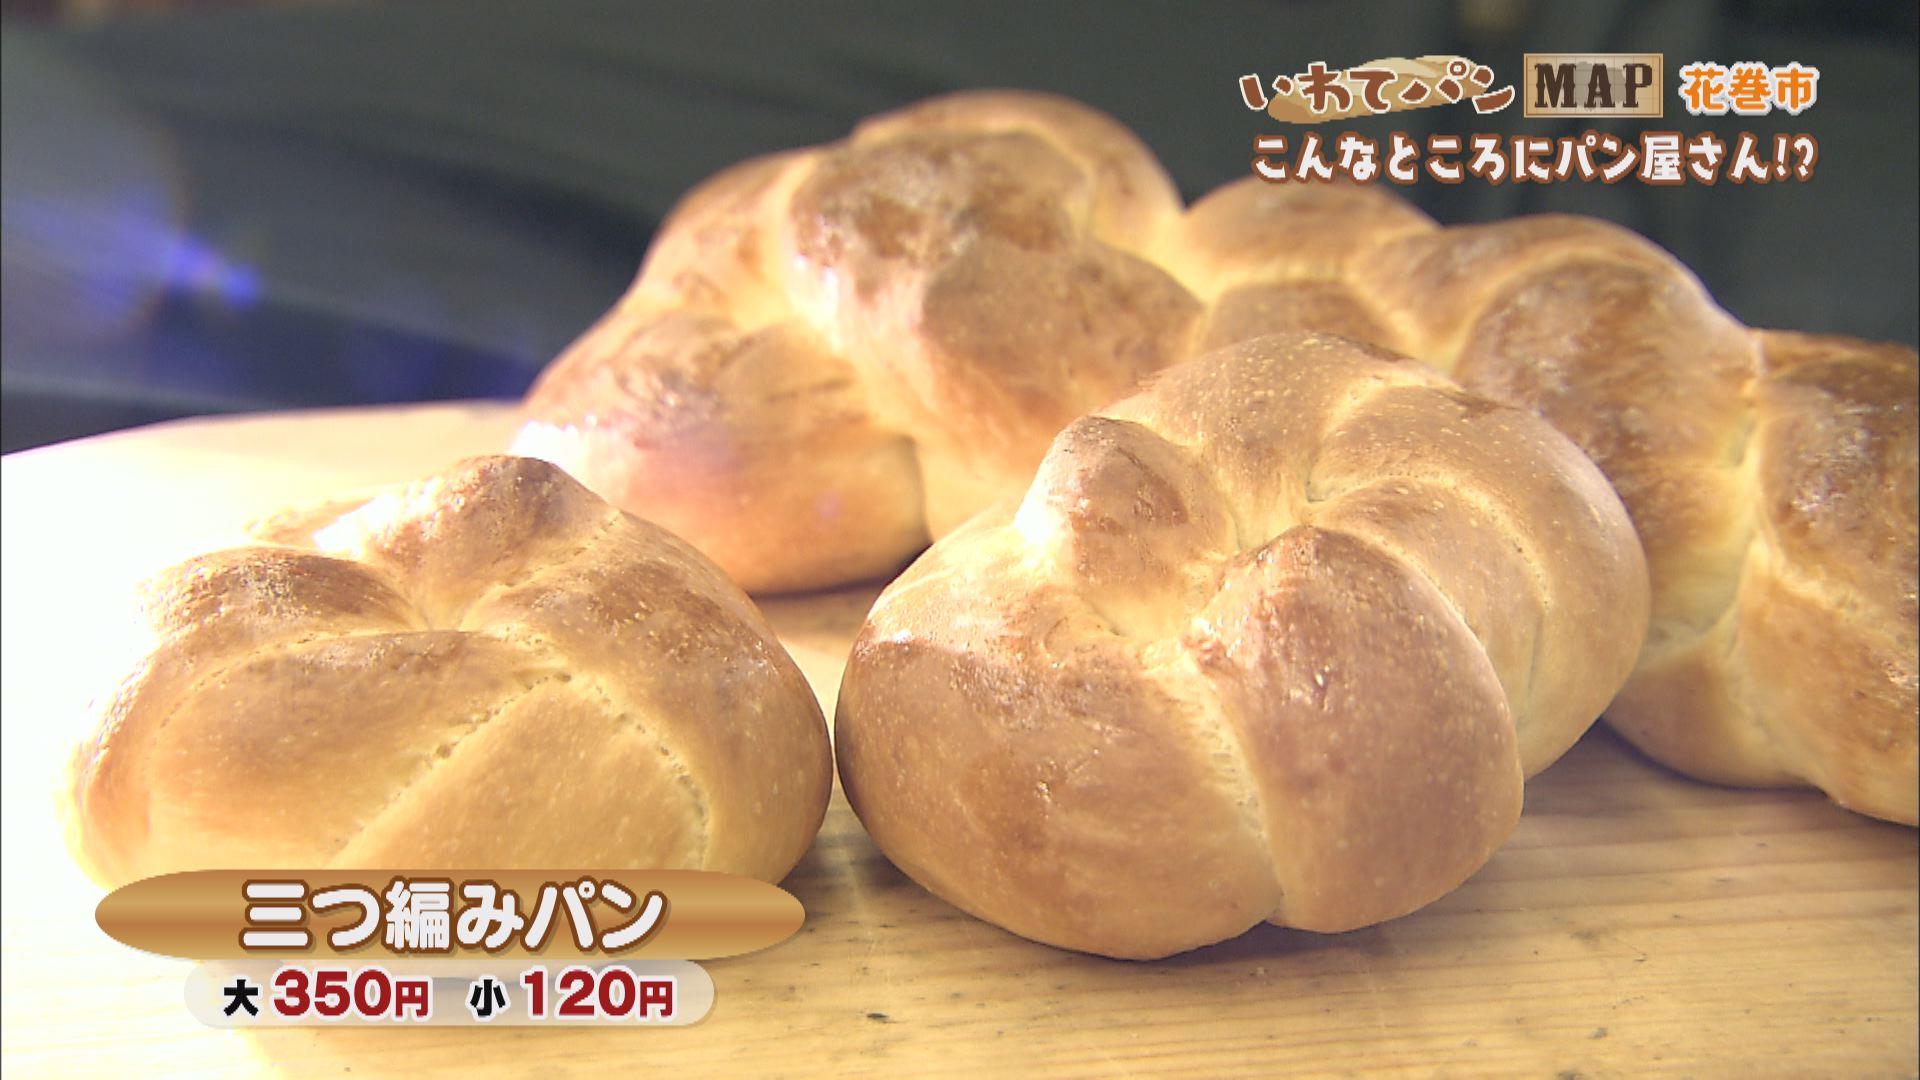 いわてパンMAP 第2弾